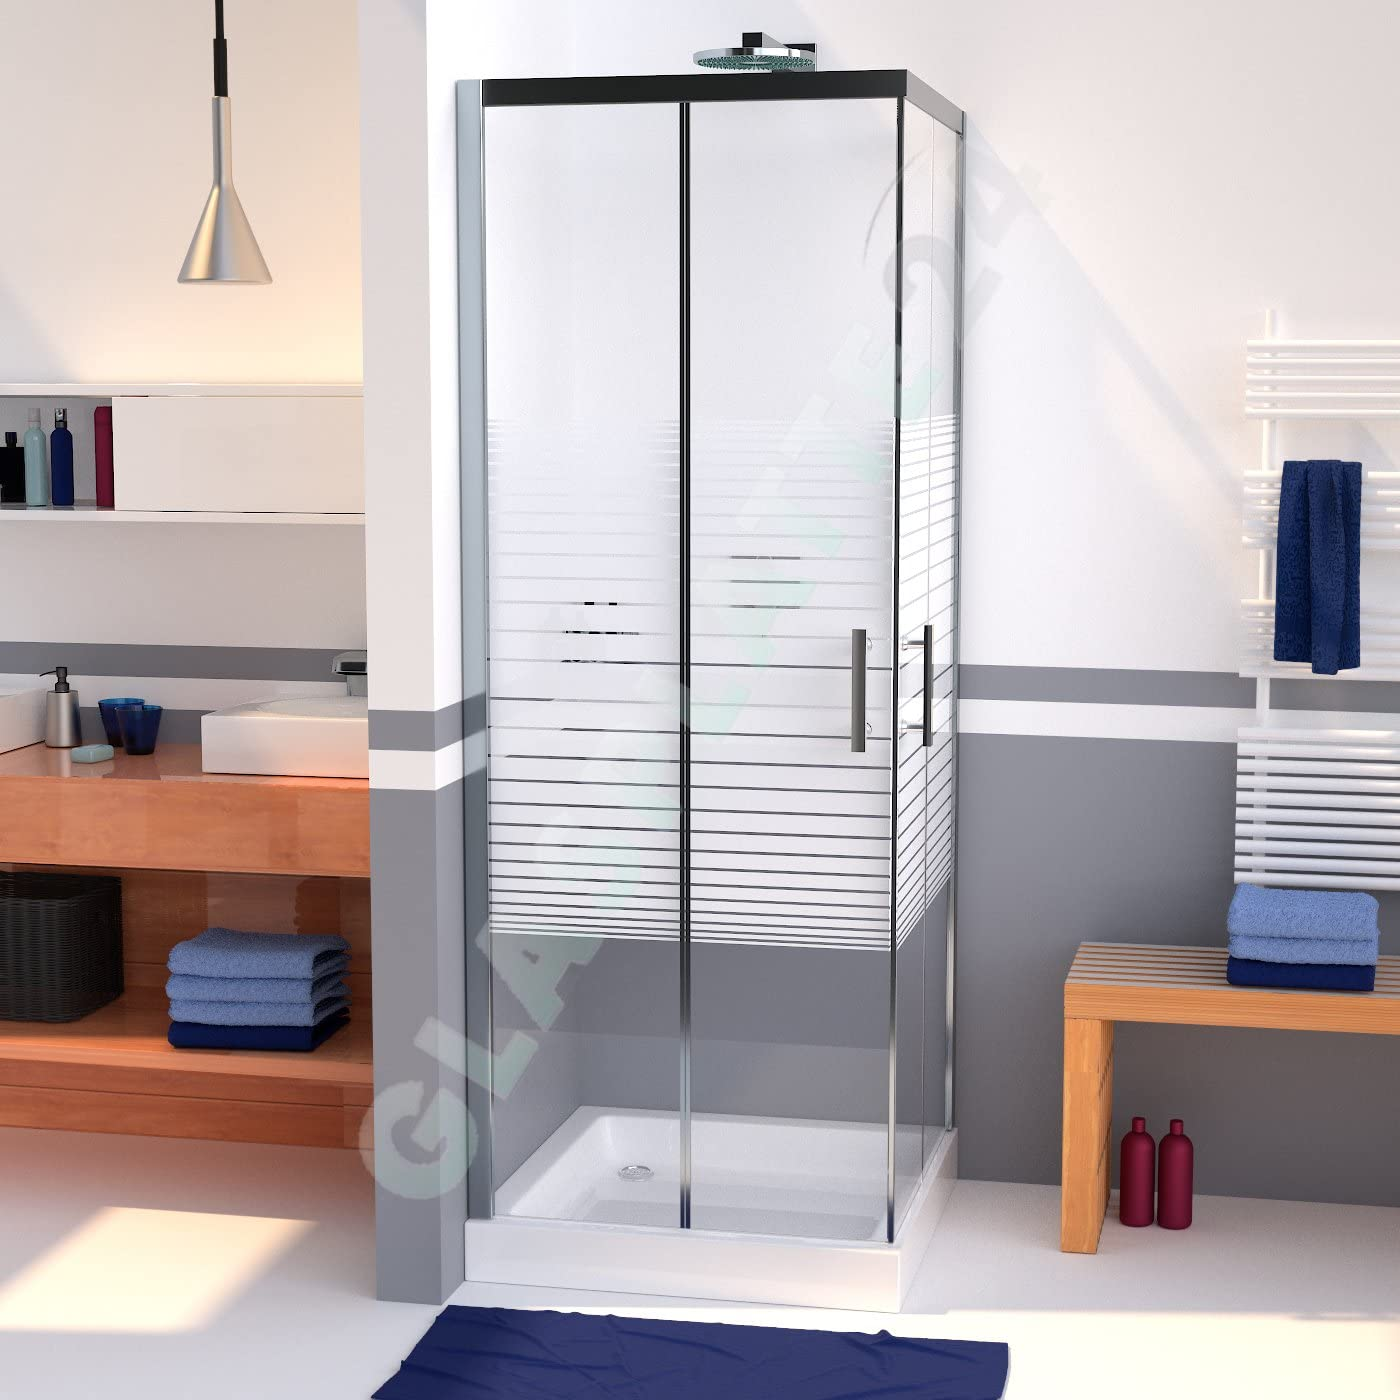 durashower ducha cabina de Nano Cristal de Seguridad en 800 x 800 mm rayas Diseño al nano-recubrimiento ducha pared puerta Herraje de aluminio puerta de cristal ducha Mampara de ducha Ducha Puerta